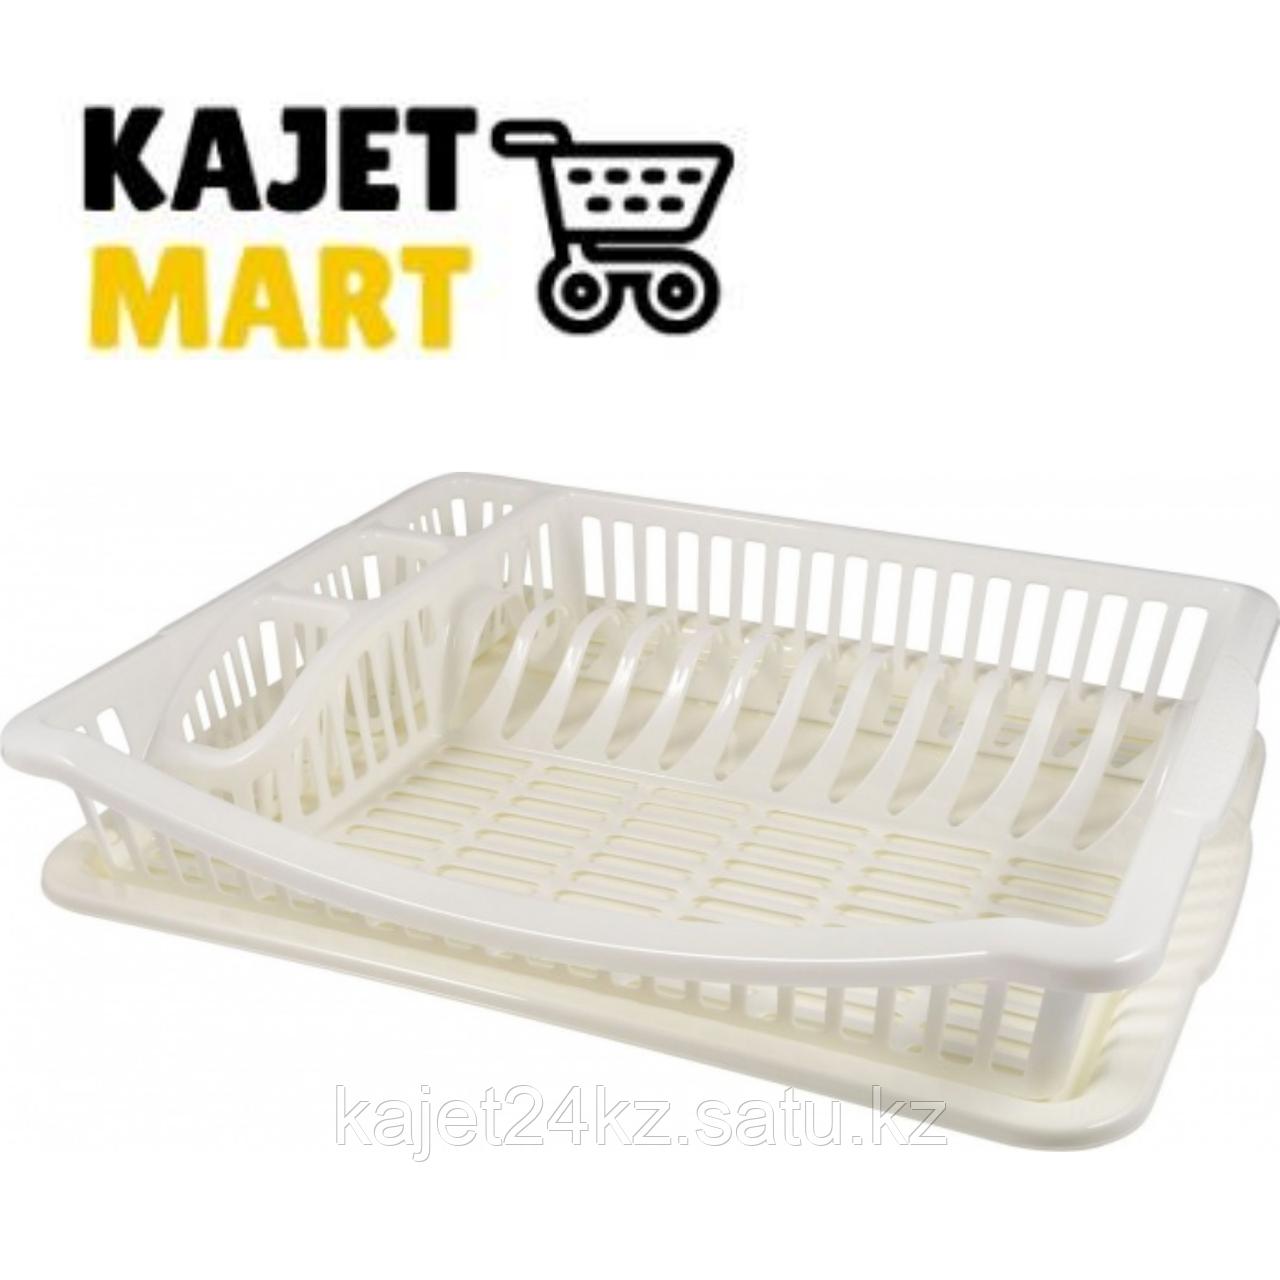 Сушилка для посуды и столовых приборов STOCKHOLM молочный